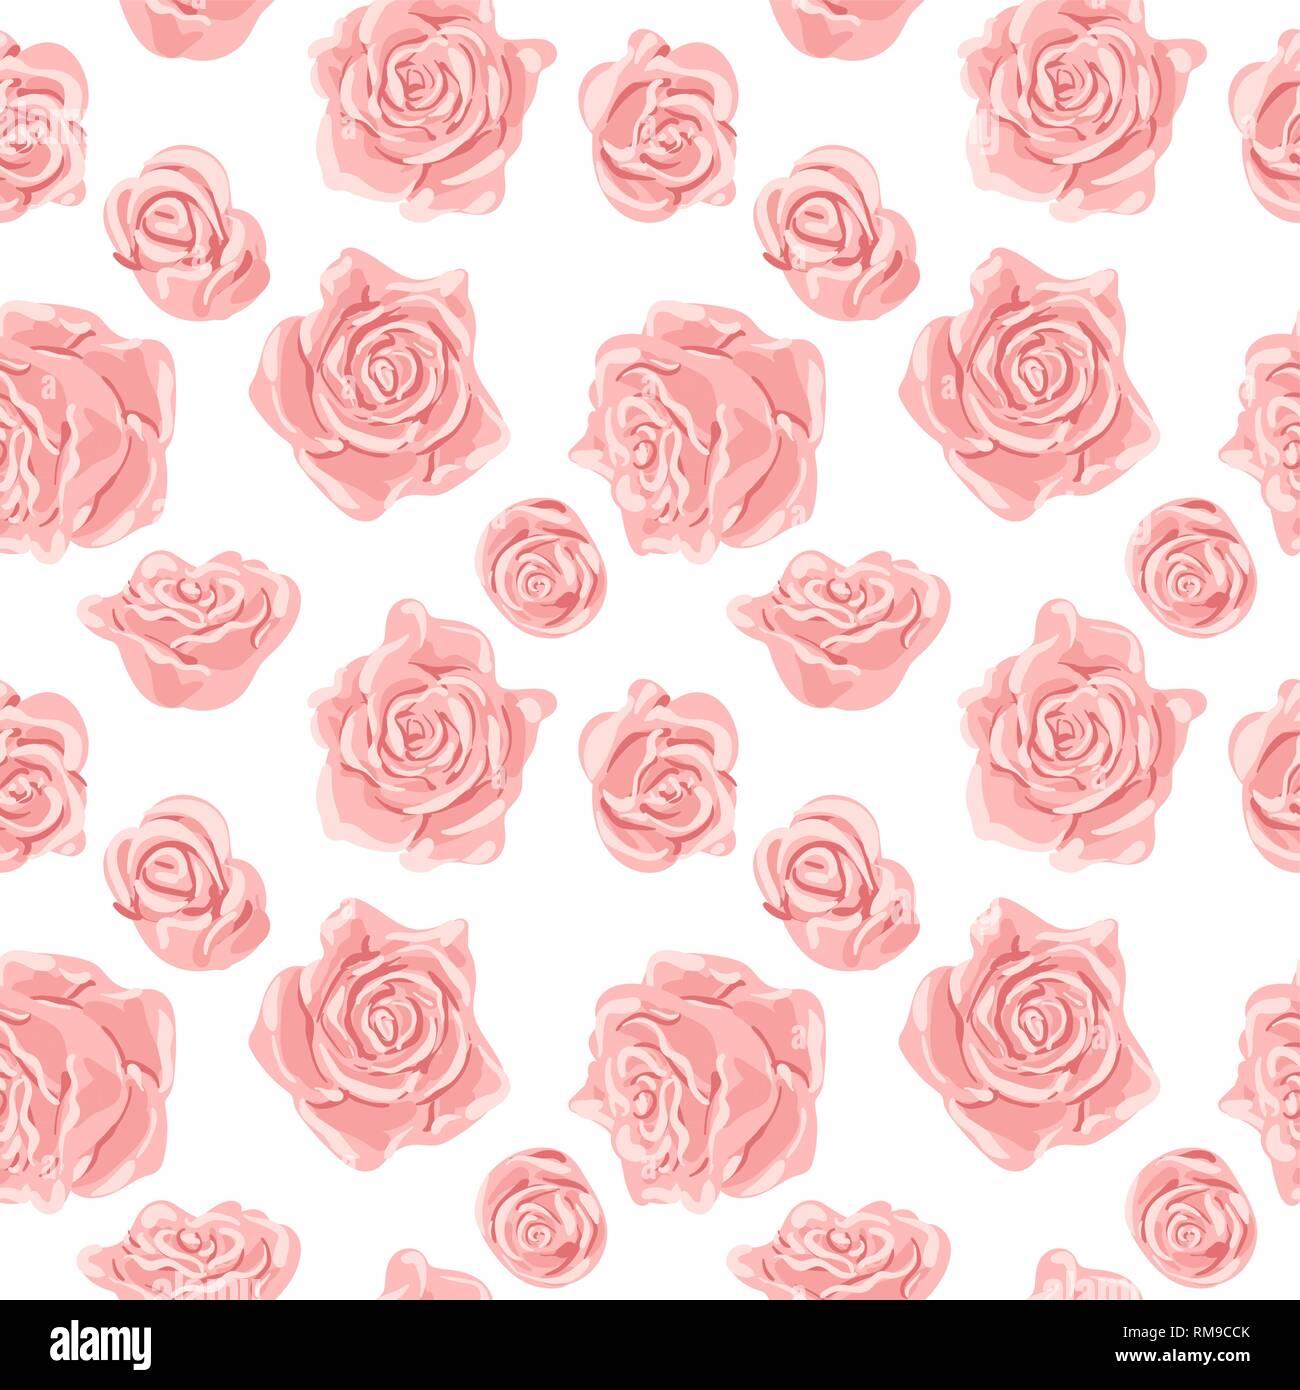 Nahtlose Muster mit rosa und weißen Rosen. Romantische Tapeten. Hand ...